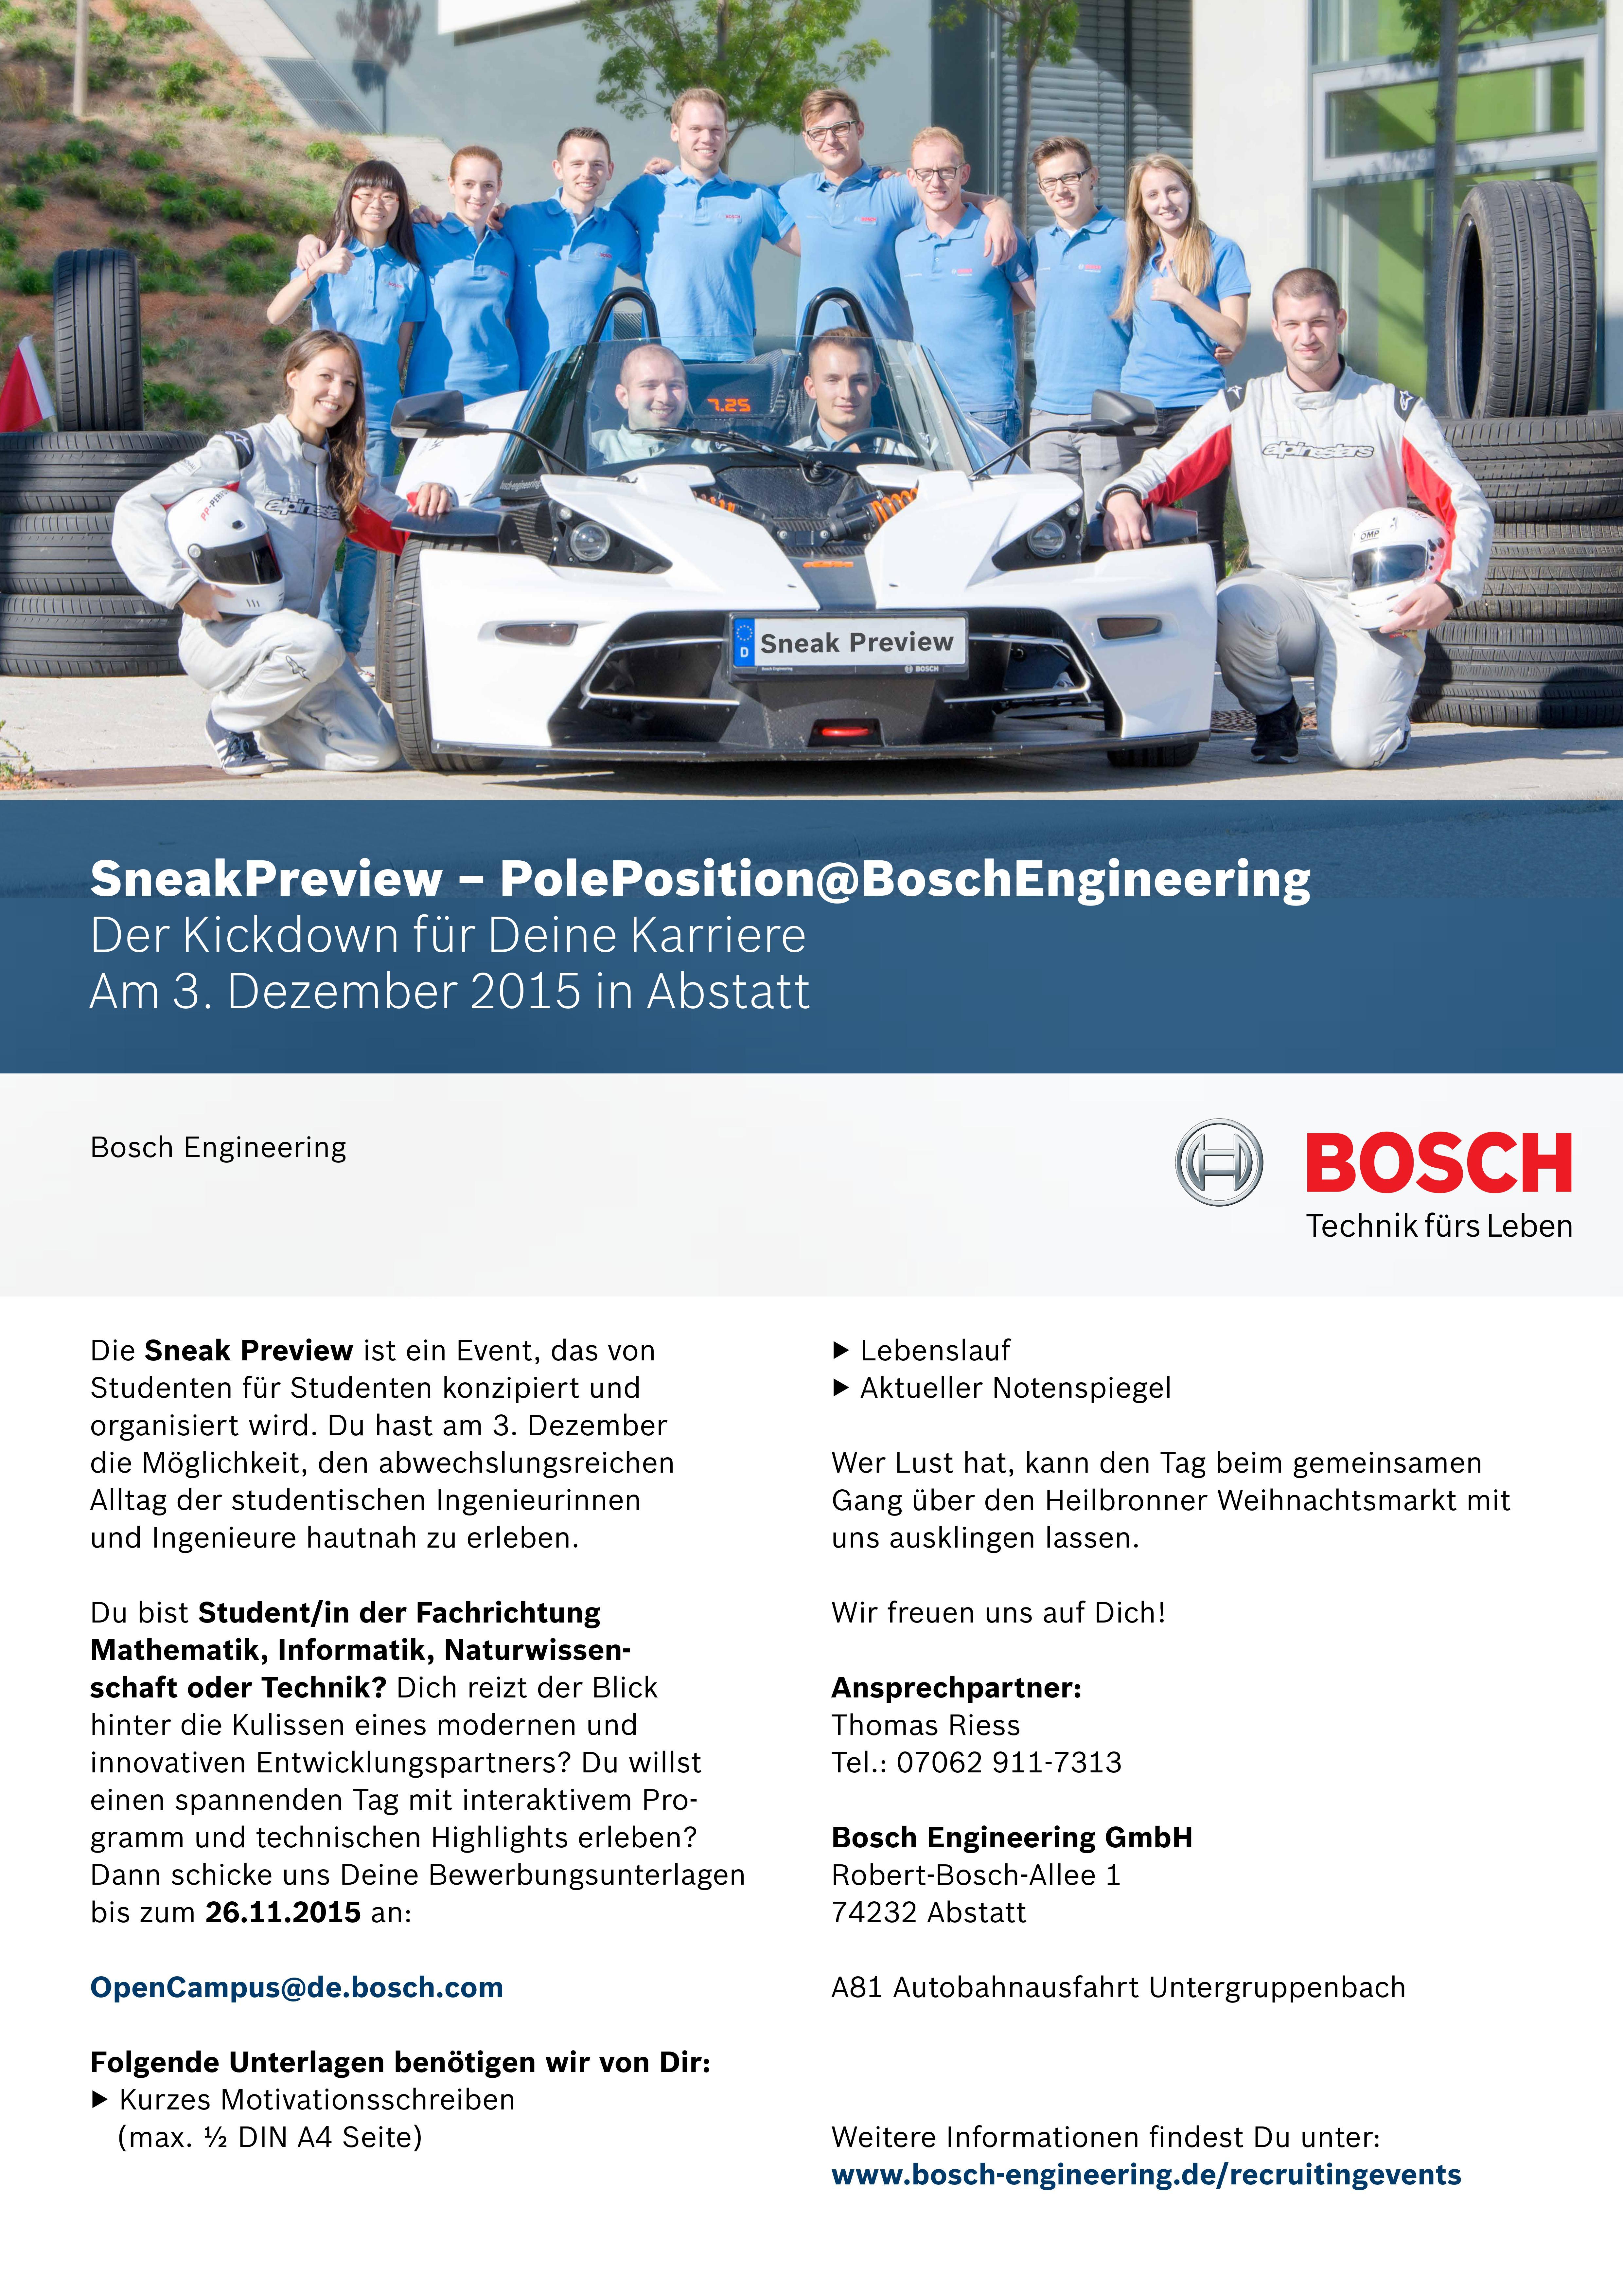 Sneak Previw - Bosch Engineering